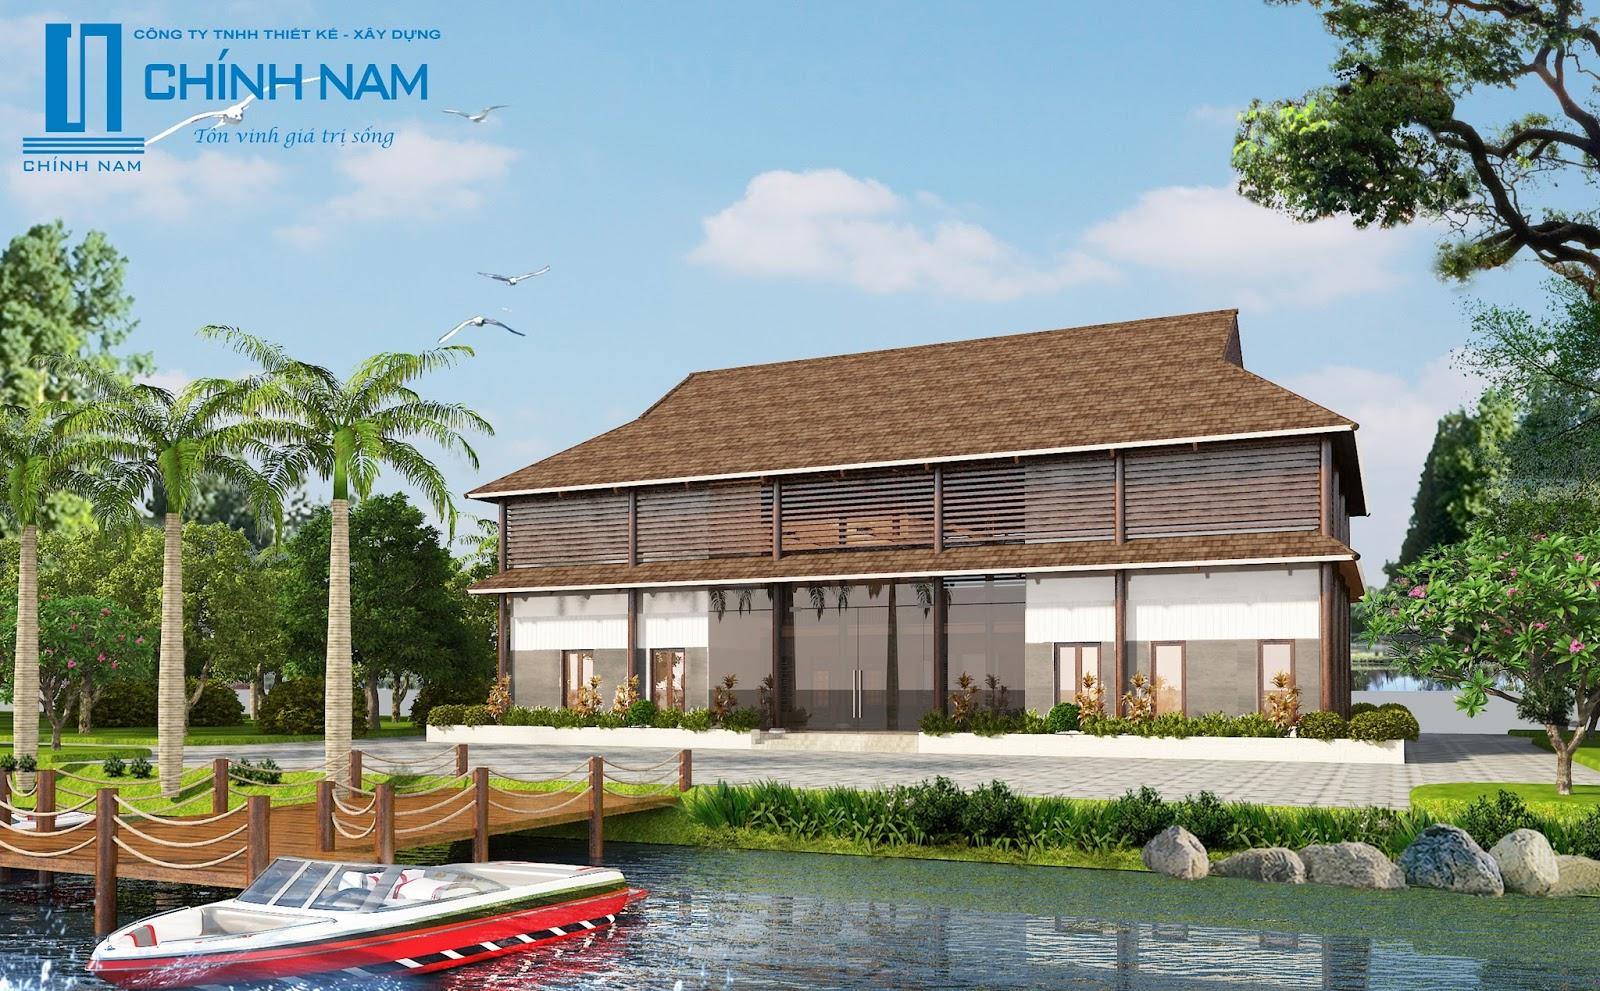 Biệt thự đẹp Biên Hòa